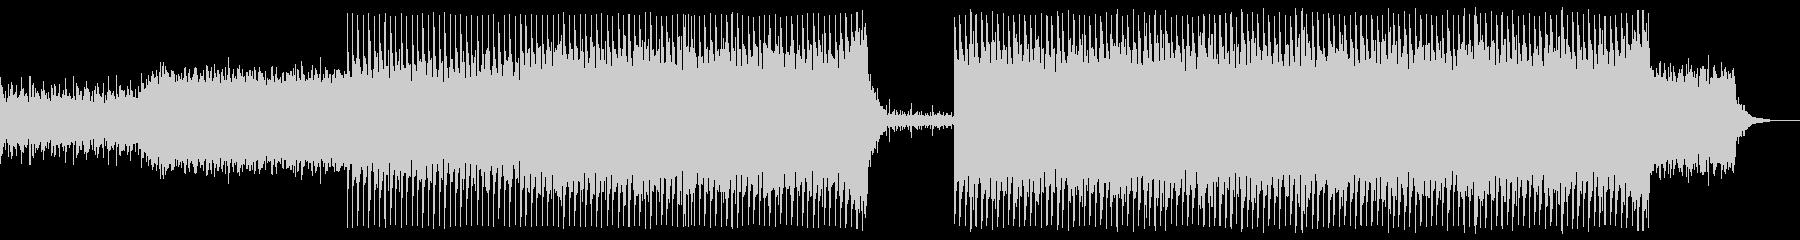 激しいシネマティックロックの未再生の波形